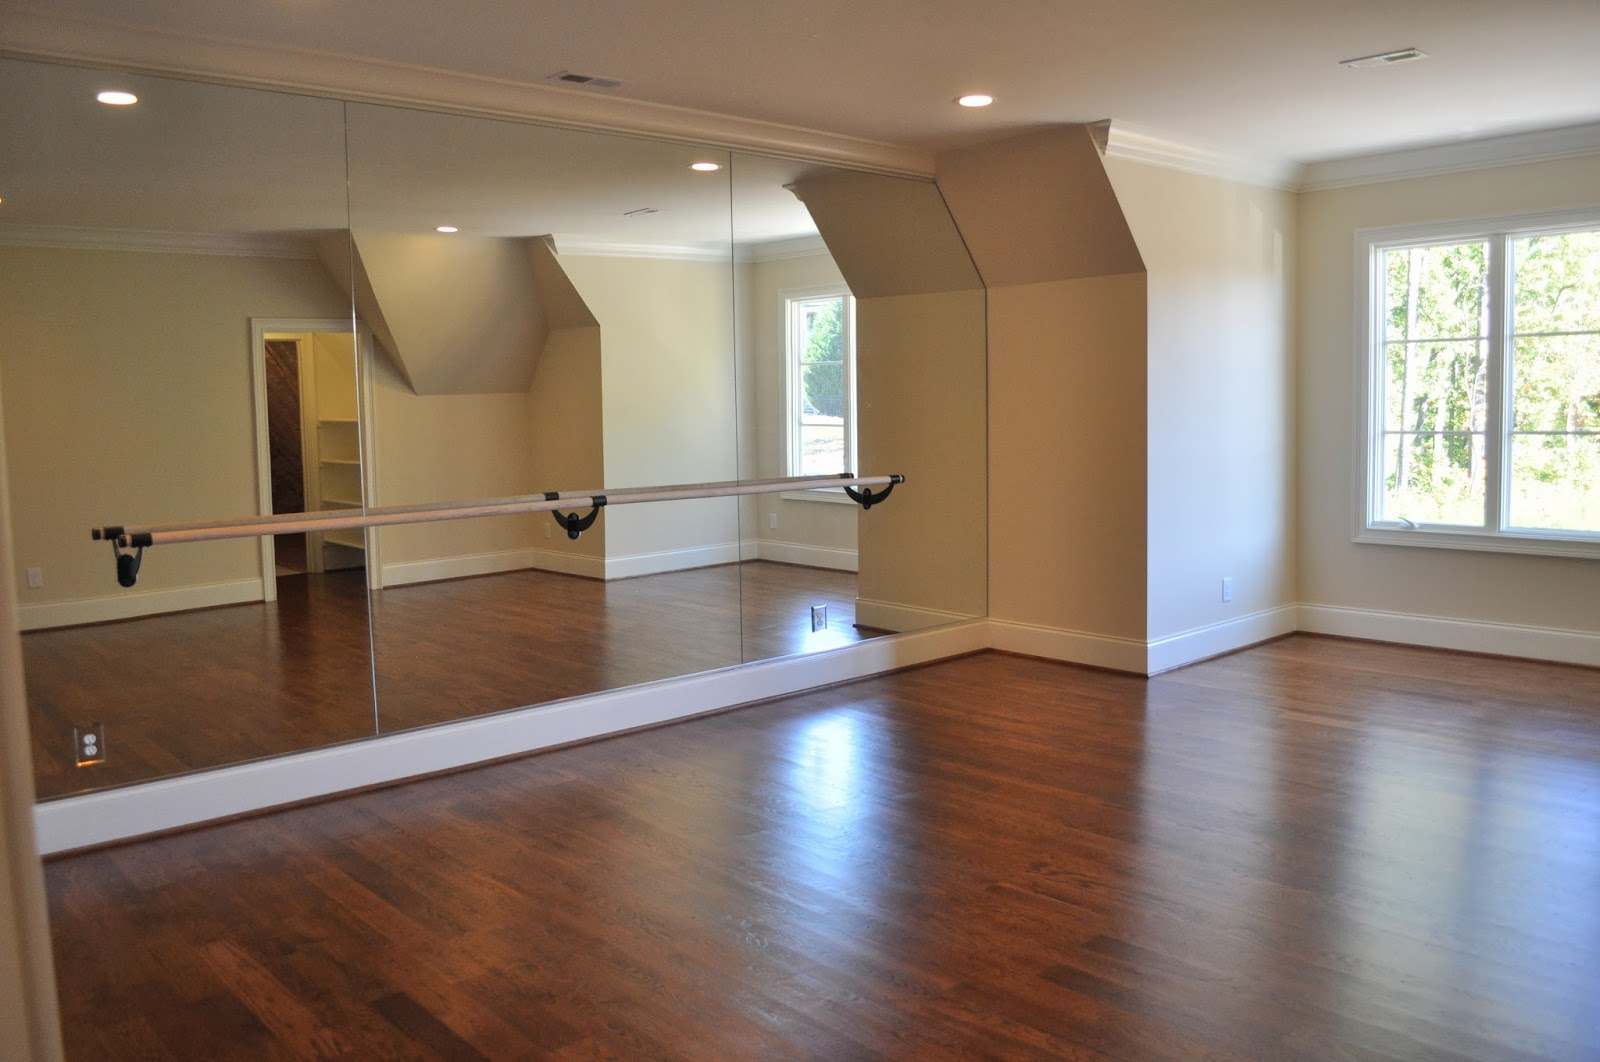 Dance Studio Design